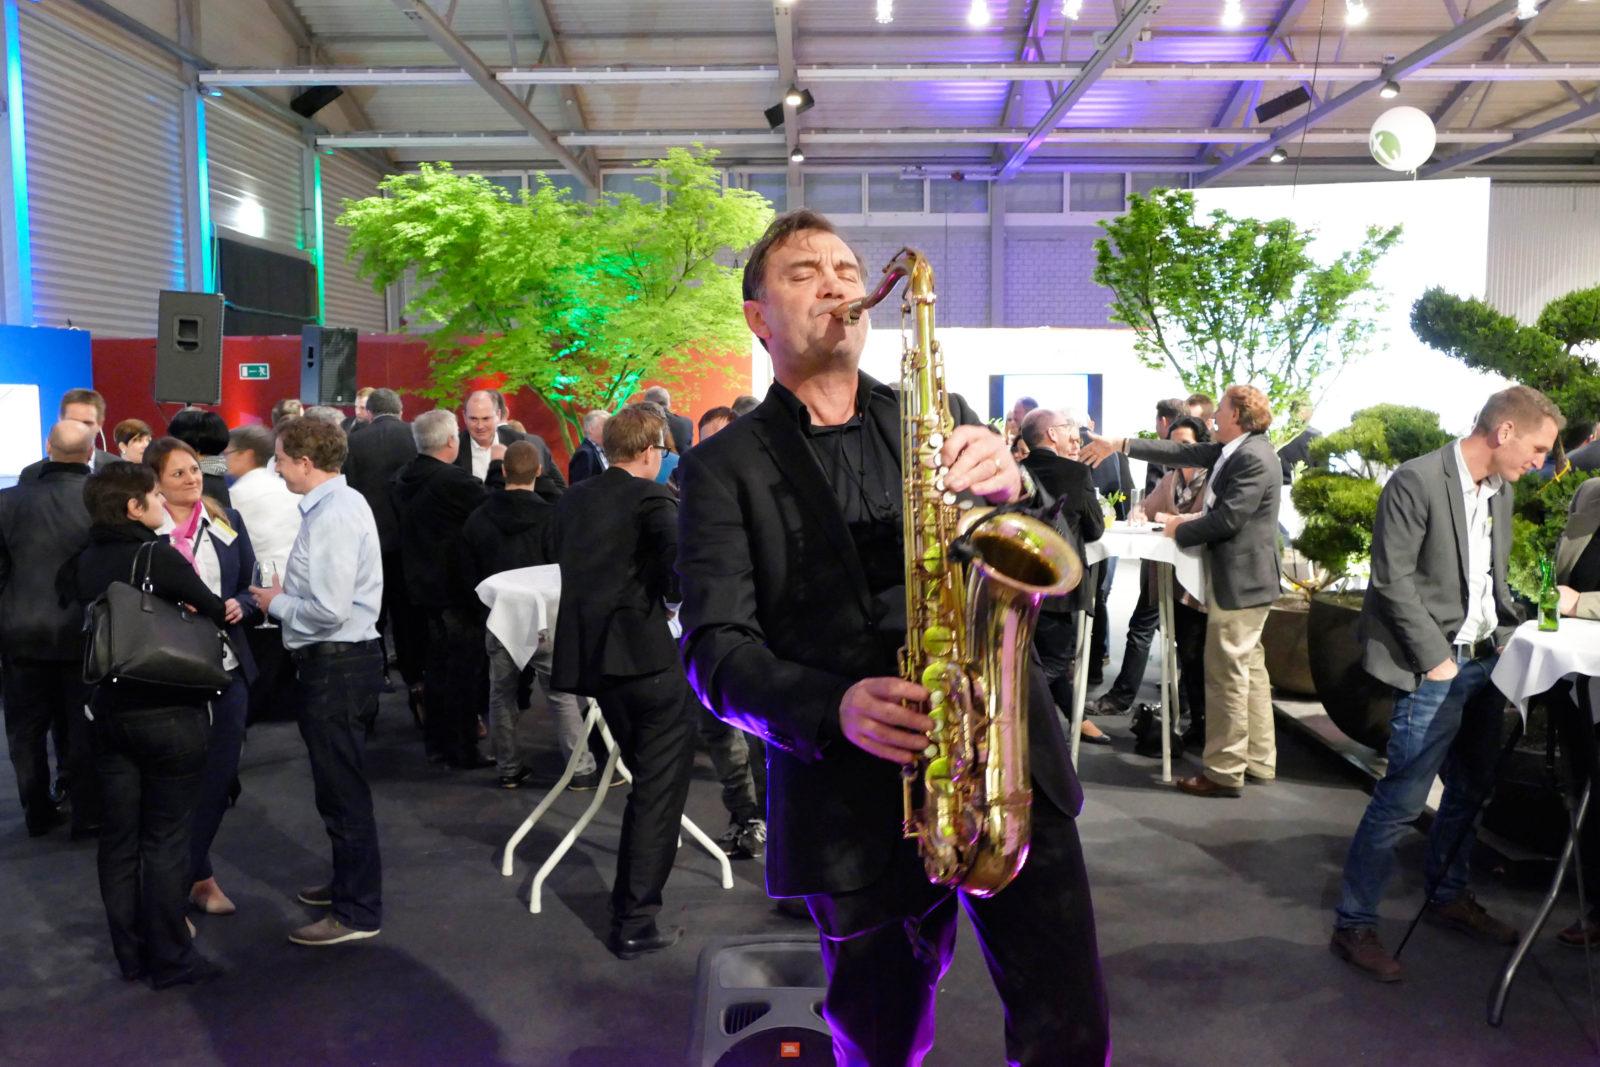 Saxophon Messeauftritt Mister Saxr